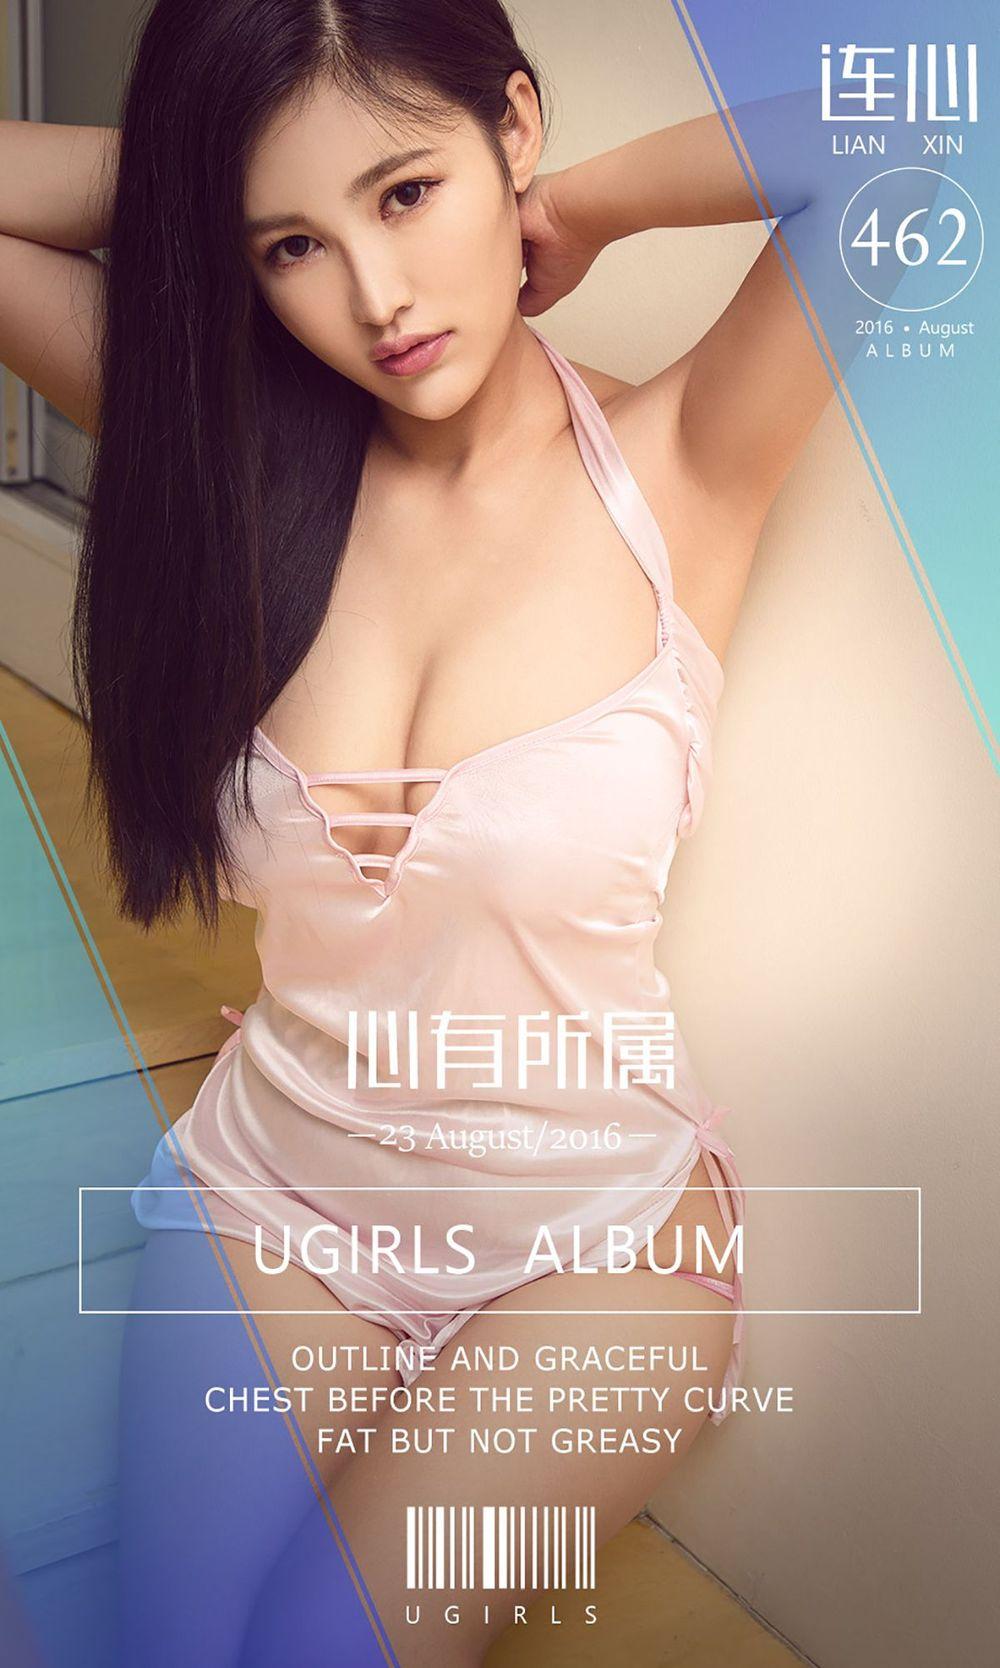 Vol.275 小蛮腰丁字裤情趣制服美女模特尤果网-连欣完整私房照合集